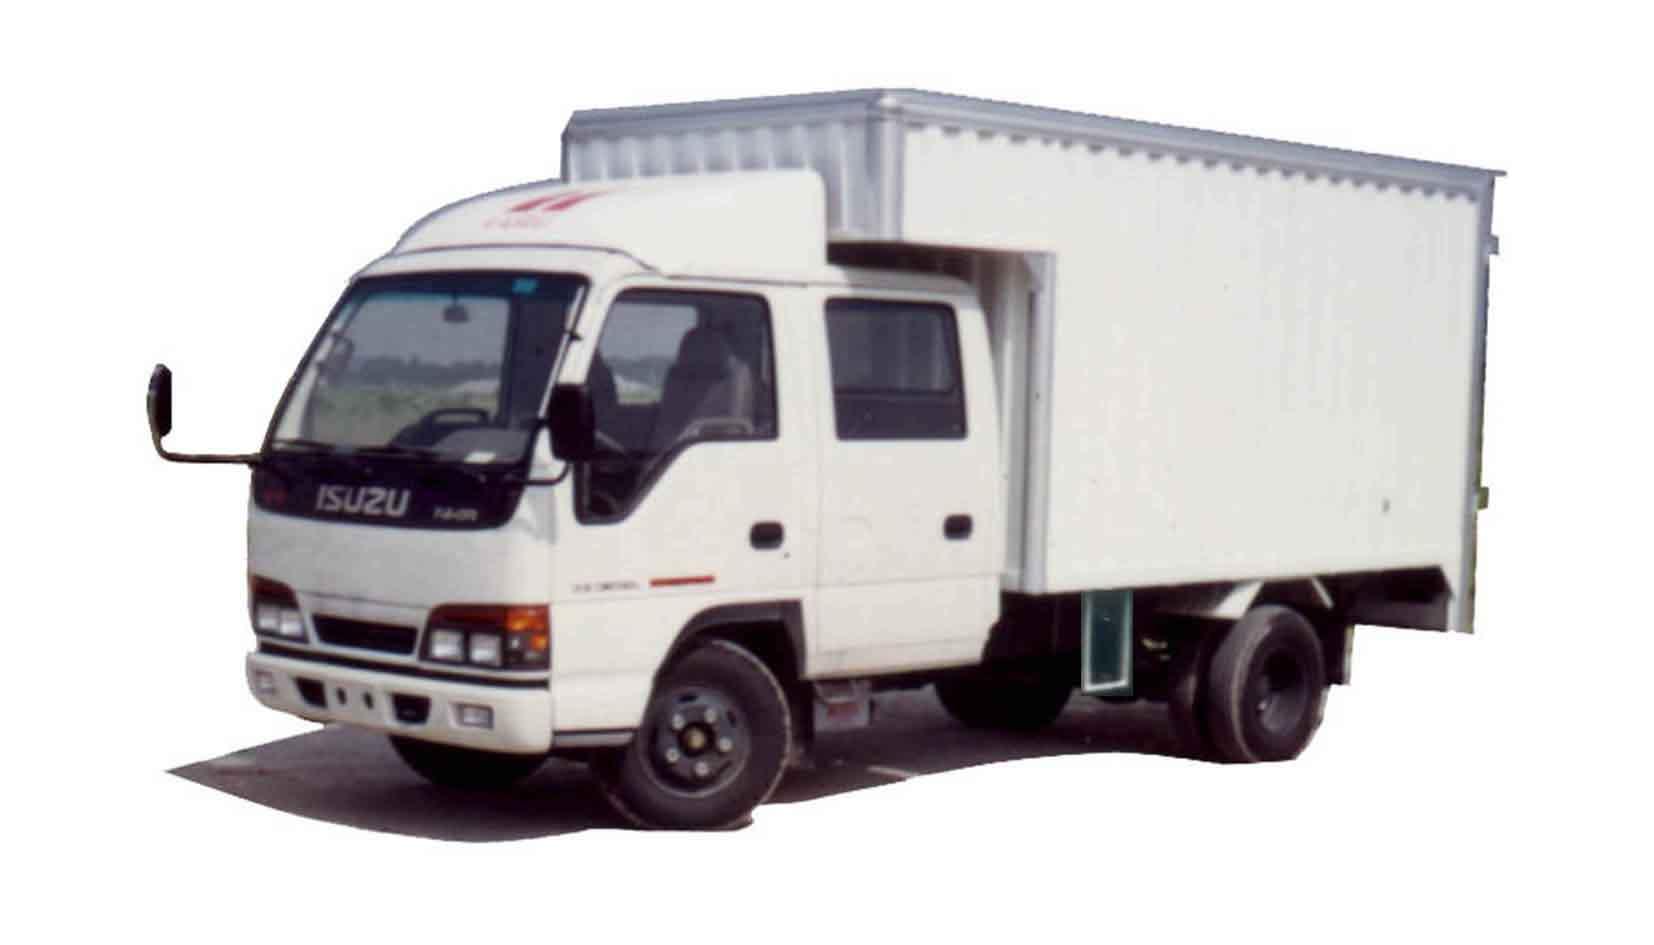 货车_货车摄影图__交通工具_现代科技_摄影图库_昵